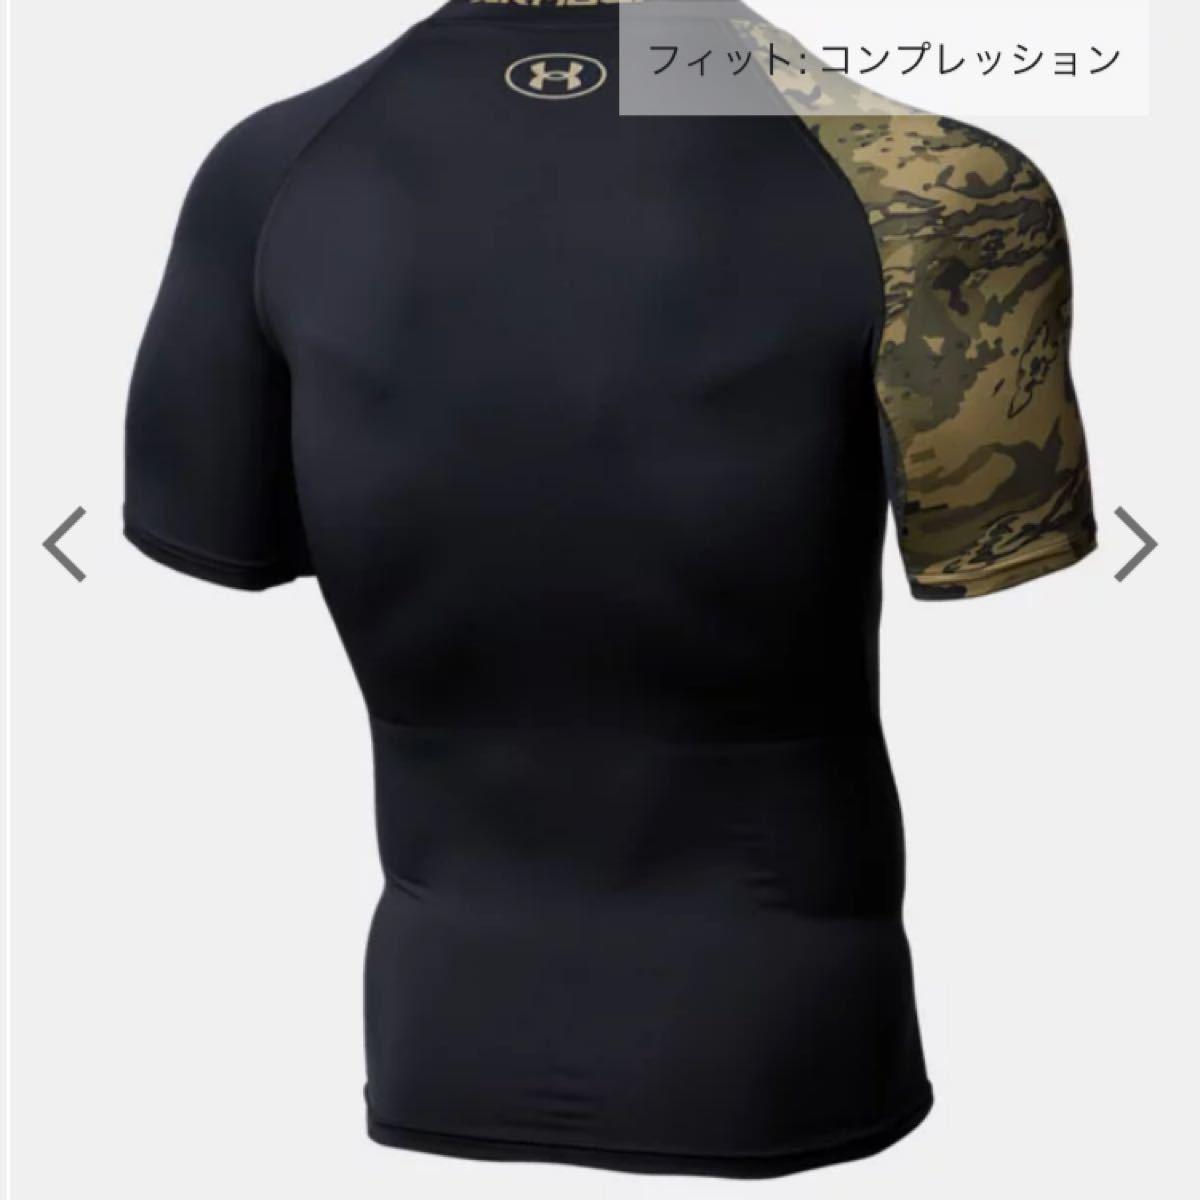 アンダーアーマー コンプレッションシャツ サイズL